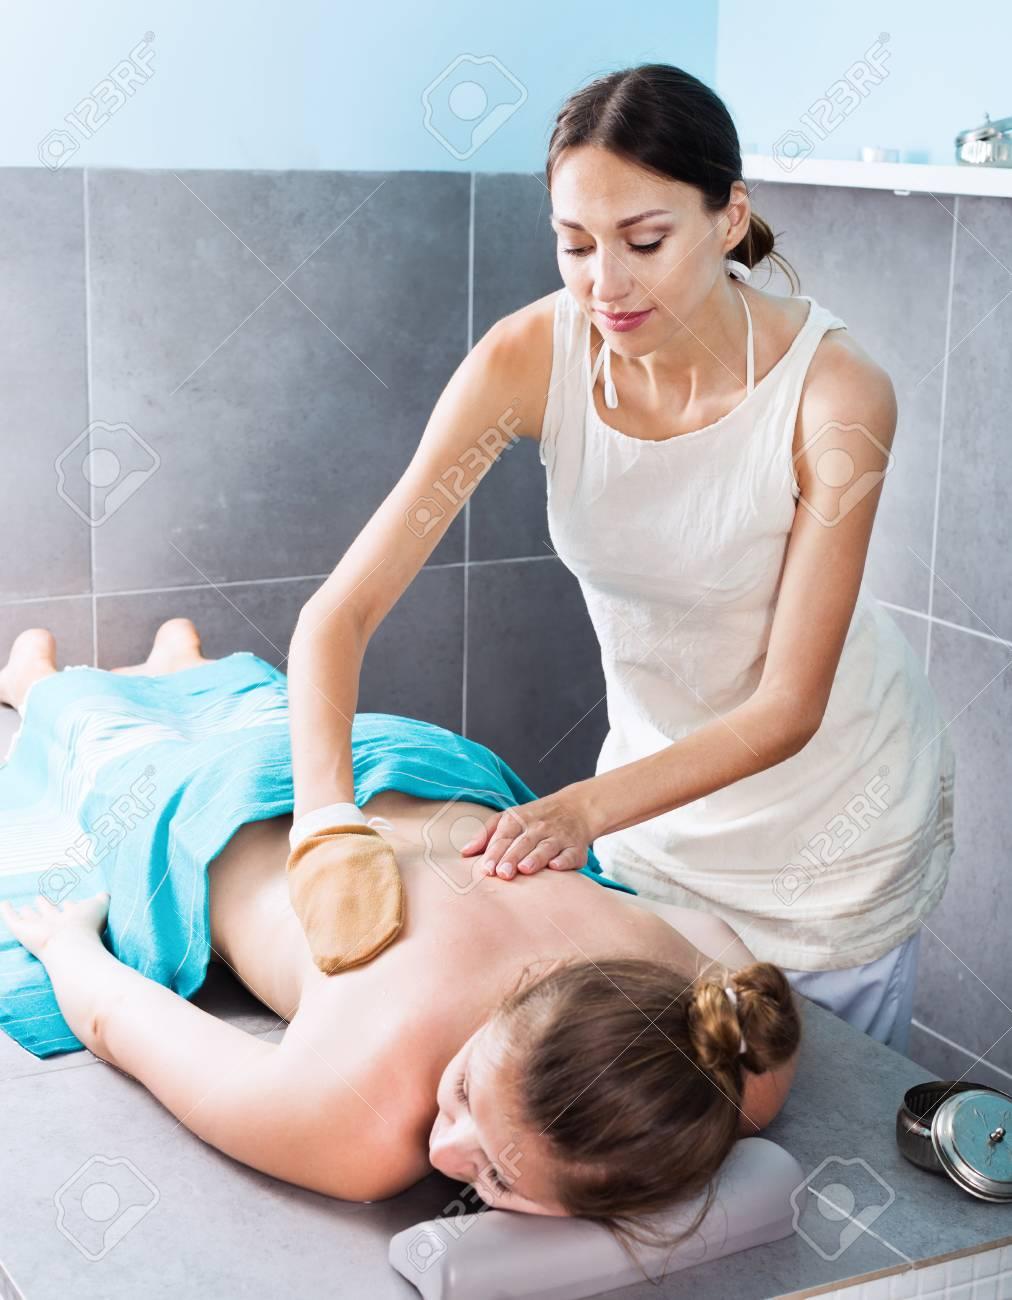 Female Massage Therapist Massaging Positive Woman Stock Photo 98016318